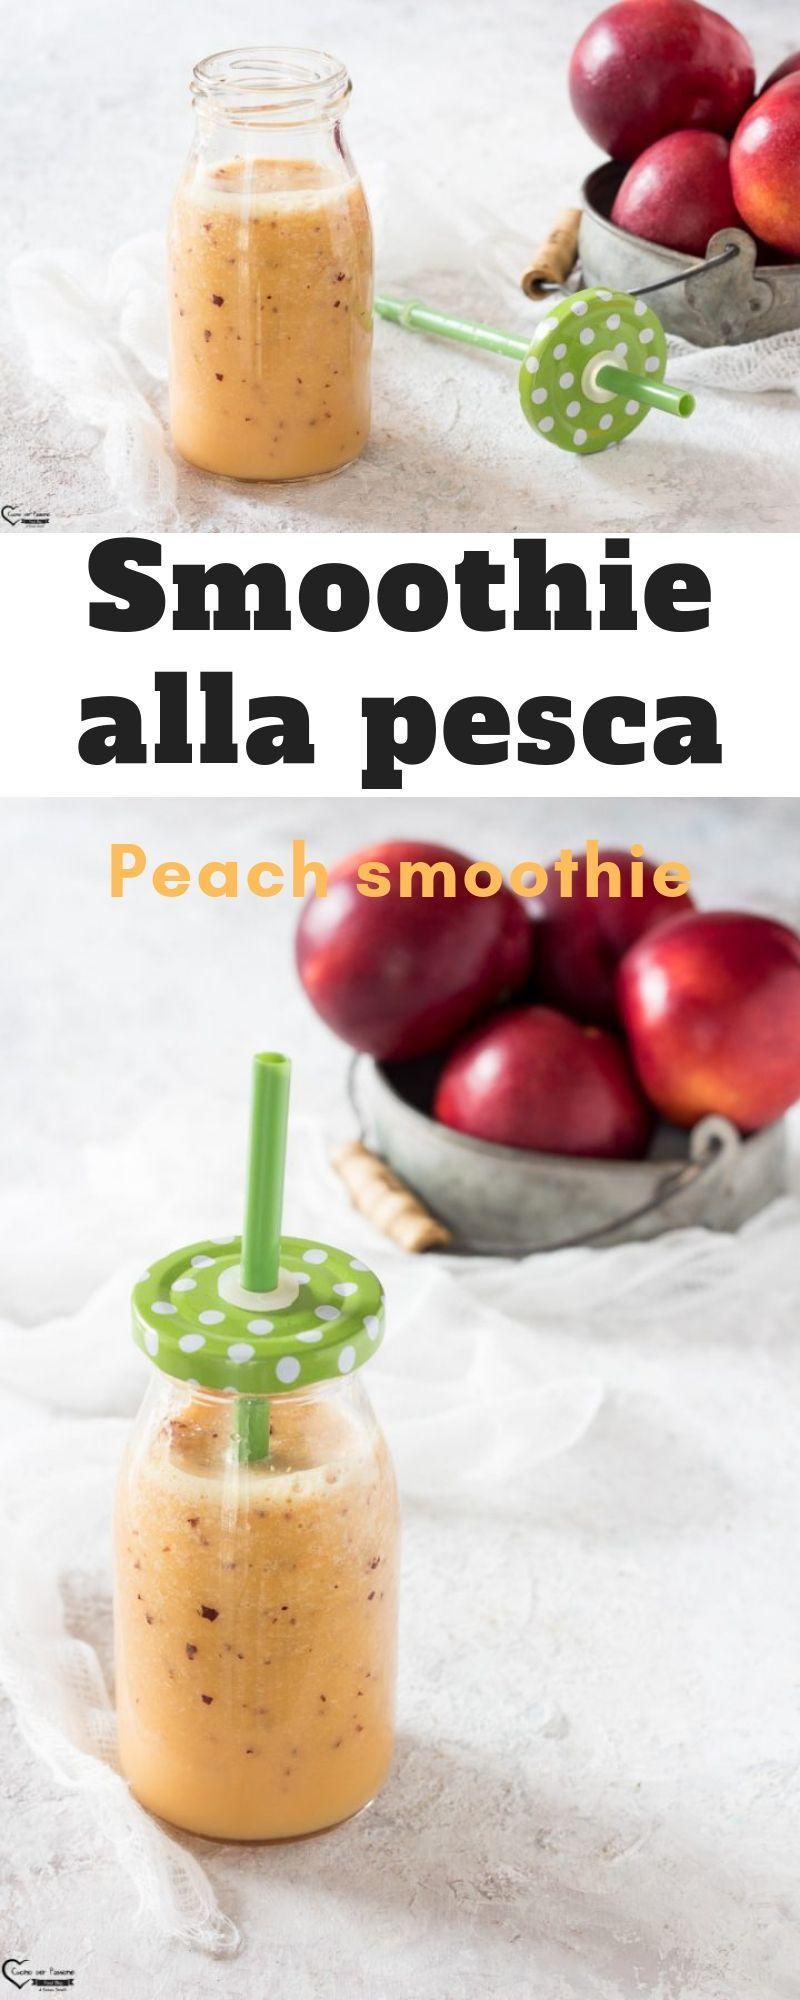 4abbd85bcbf11bd788d0d717e19eec85 - Pesca Ricette